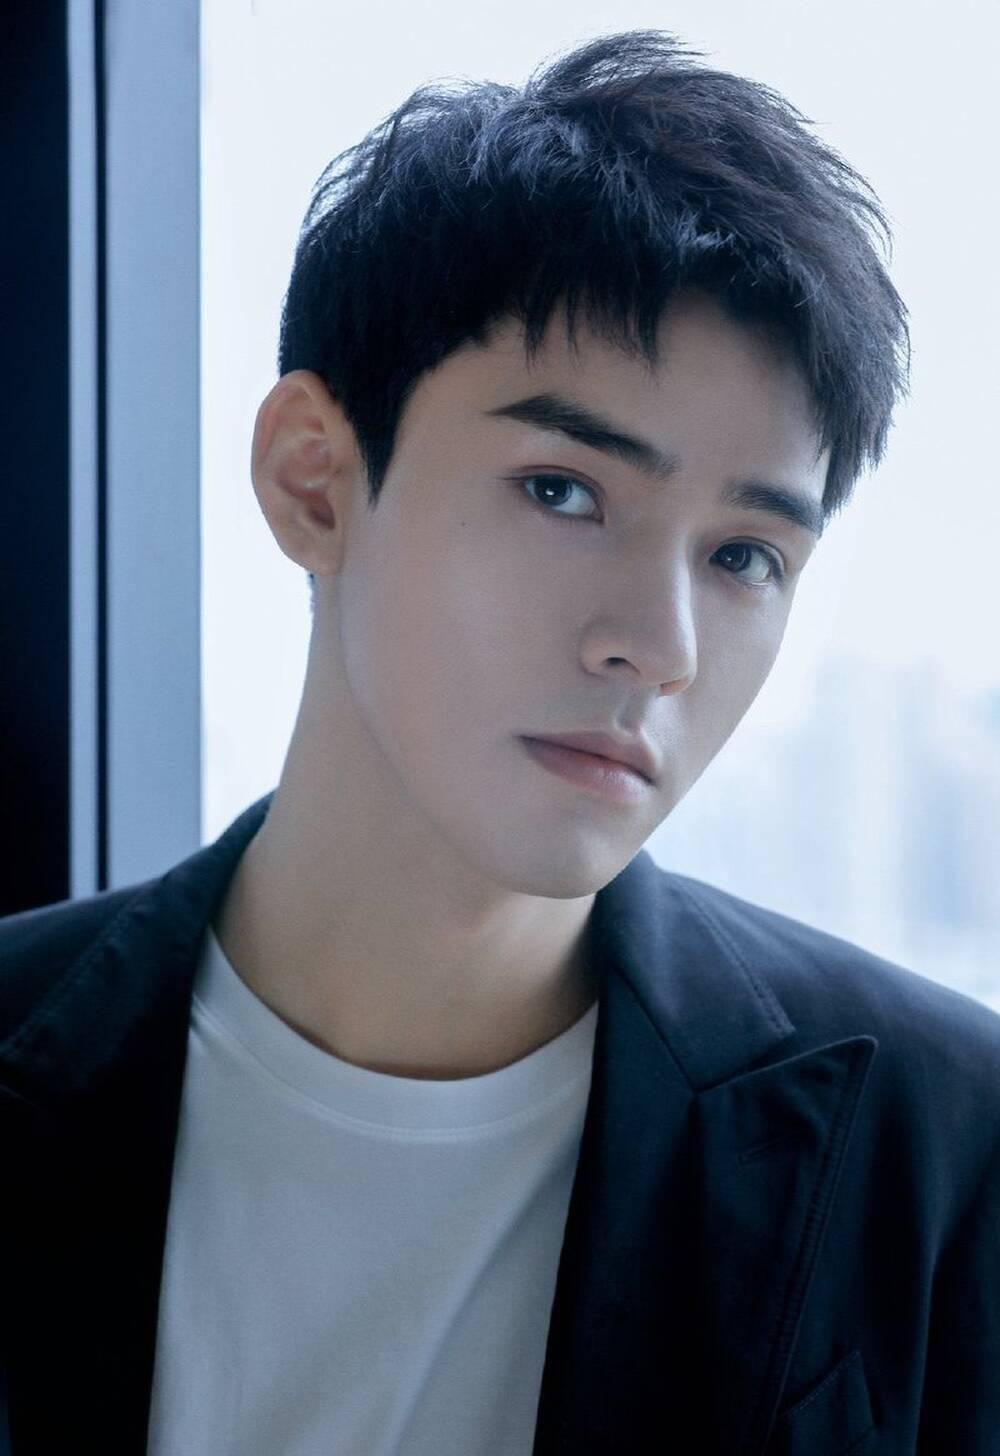 Thực hư chuyện Cung Tuấn bị từ chối làm mẫu quảng cáo vì...quá đẹp trai Ảnh 1